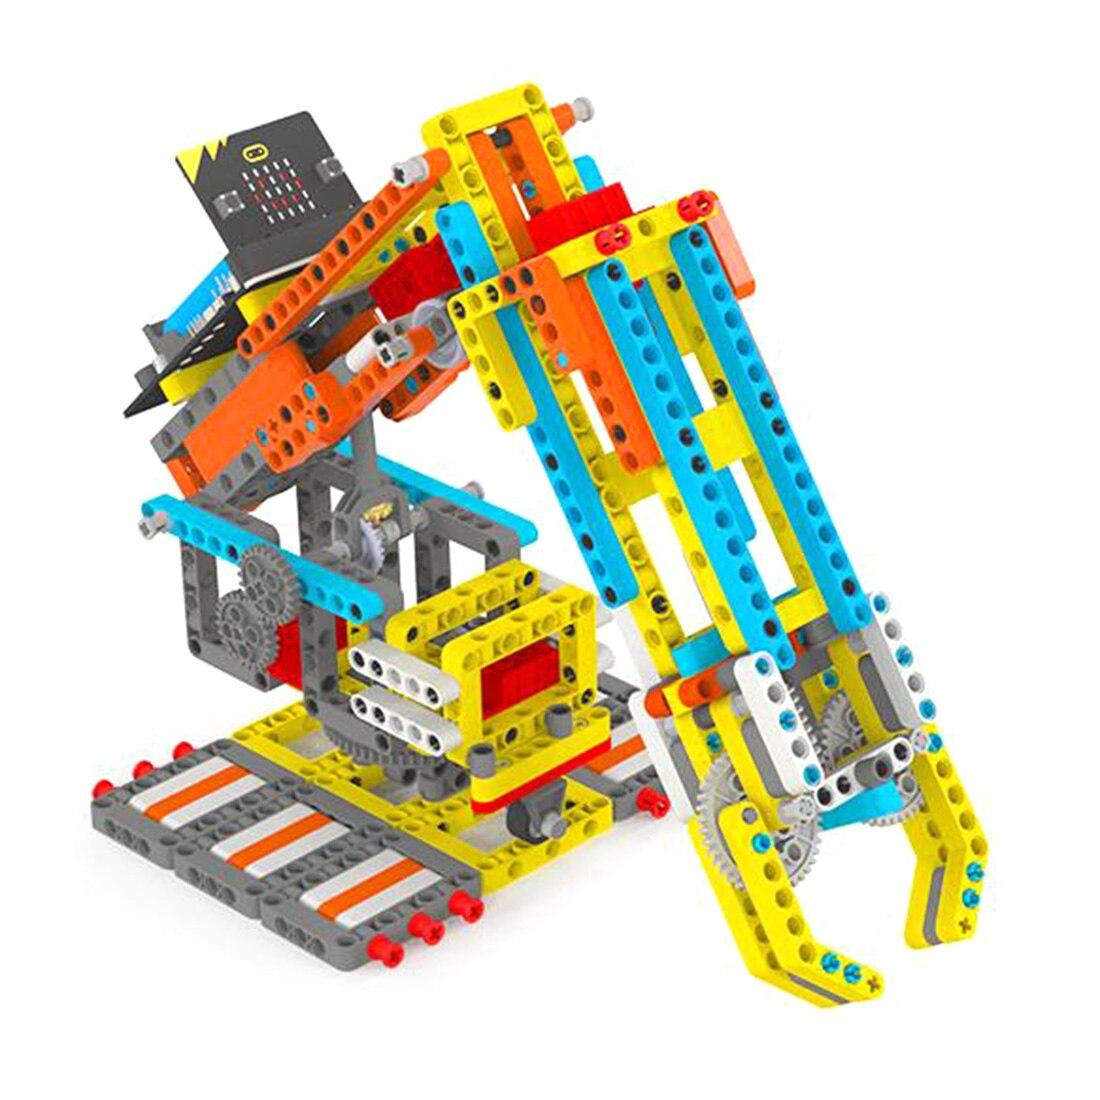 마이크로 용 높은 장난감 게임 추천: 비트 프로그래밍 가능한 빌딩 블록 diy 스마트 로봇 암 키트-에서프로그래밍 장난감부터 완구 & 취미 의  그룹 1